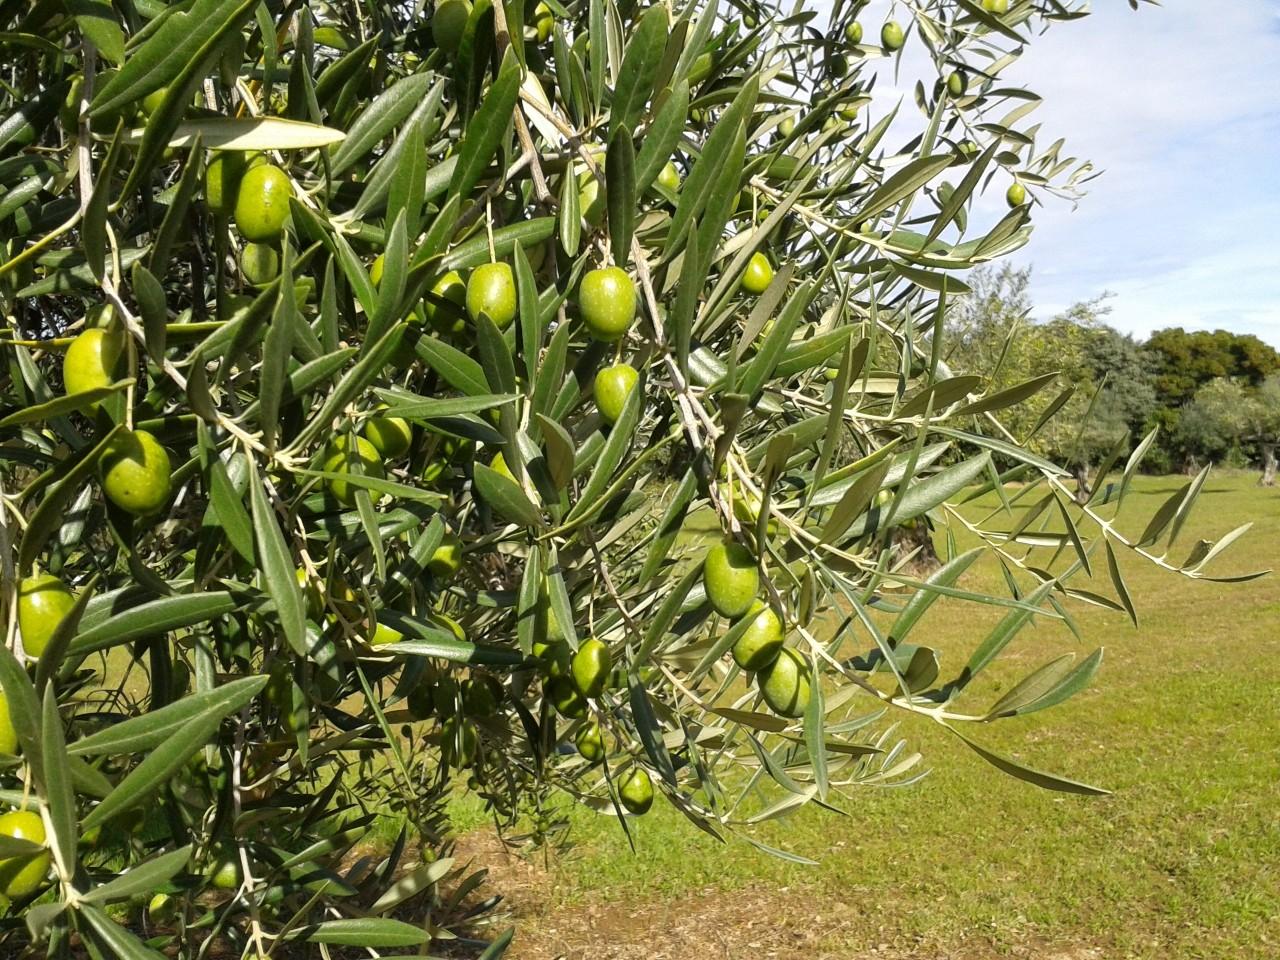 Tratamiento enfermedades olivo